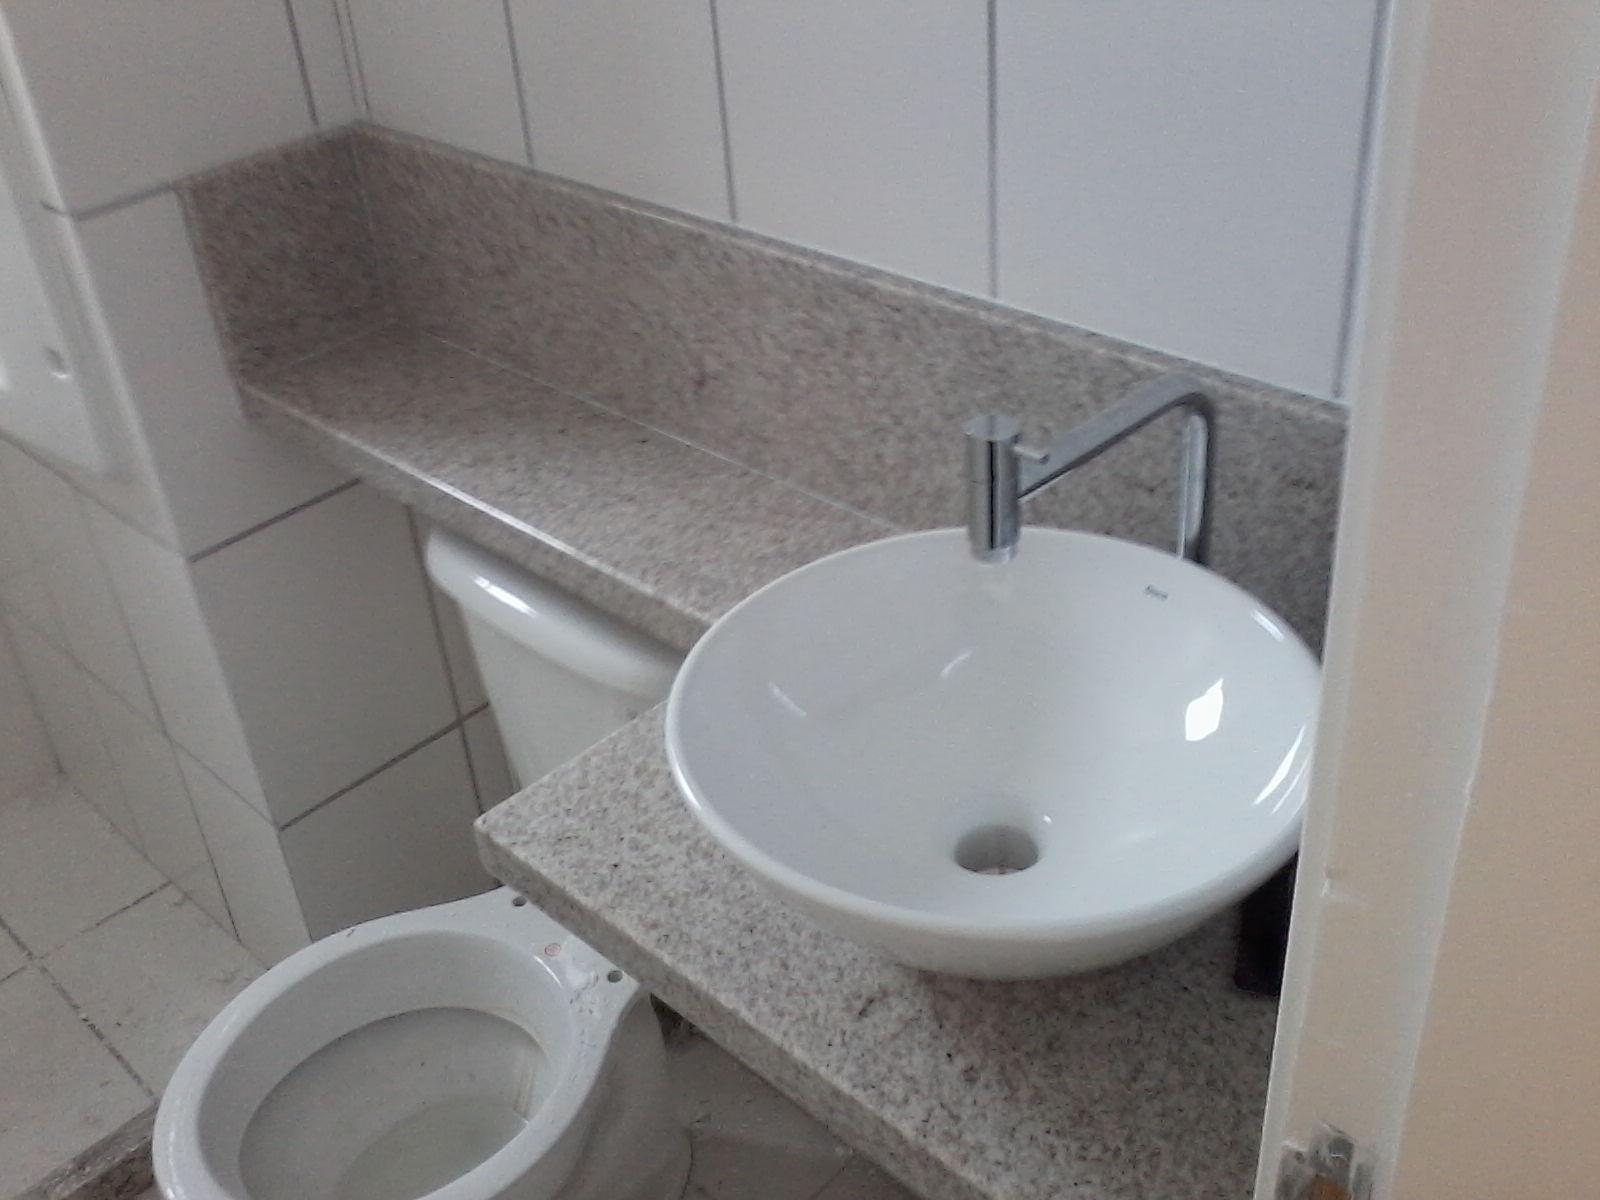 banheiro depois do armário instalado irá ficar mais charmoso. Tá  #5A6771 1600x1200 Armario Banheiro Coluna Pia